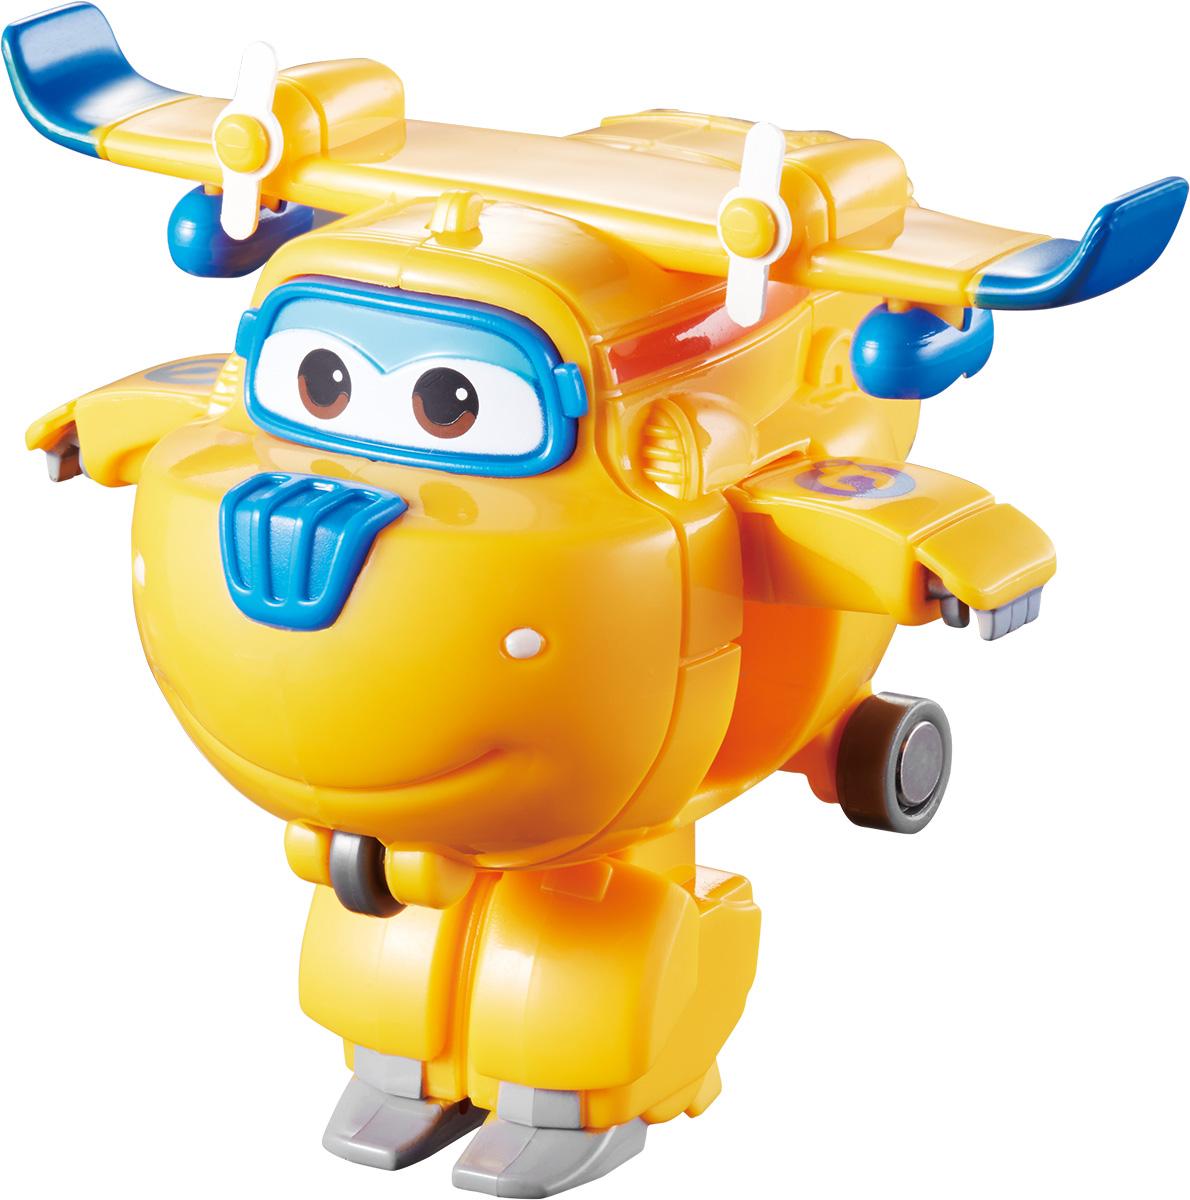 Super Wings Мини-трансформер ДонниYW710020Мини-трансформеры - самые маленькие трансформеры Супер крылья. Каждый герой элементарно трансформируется в робота и обратно в три шага.